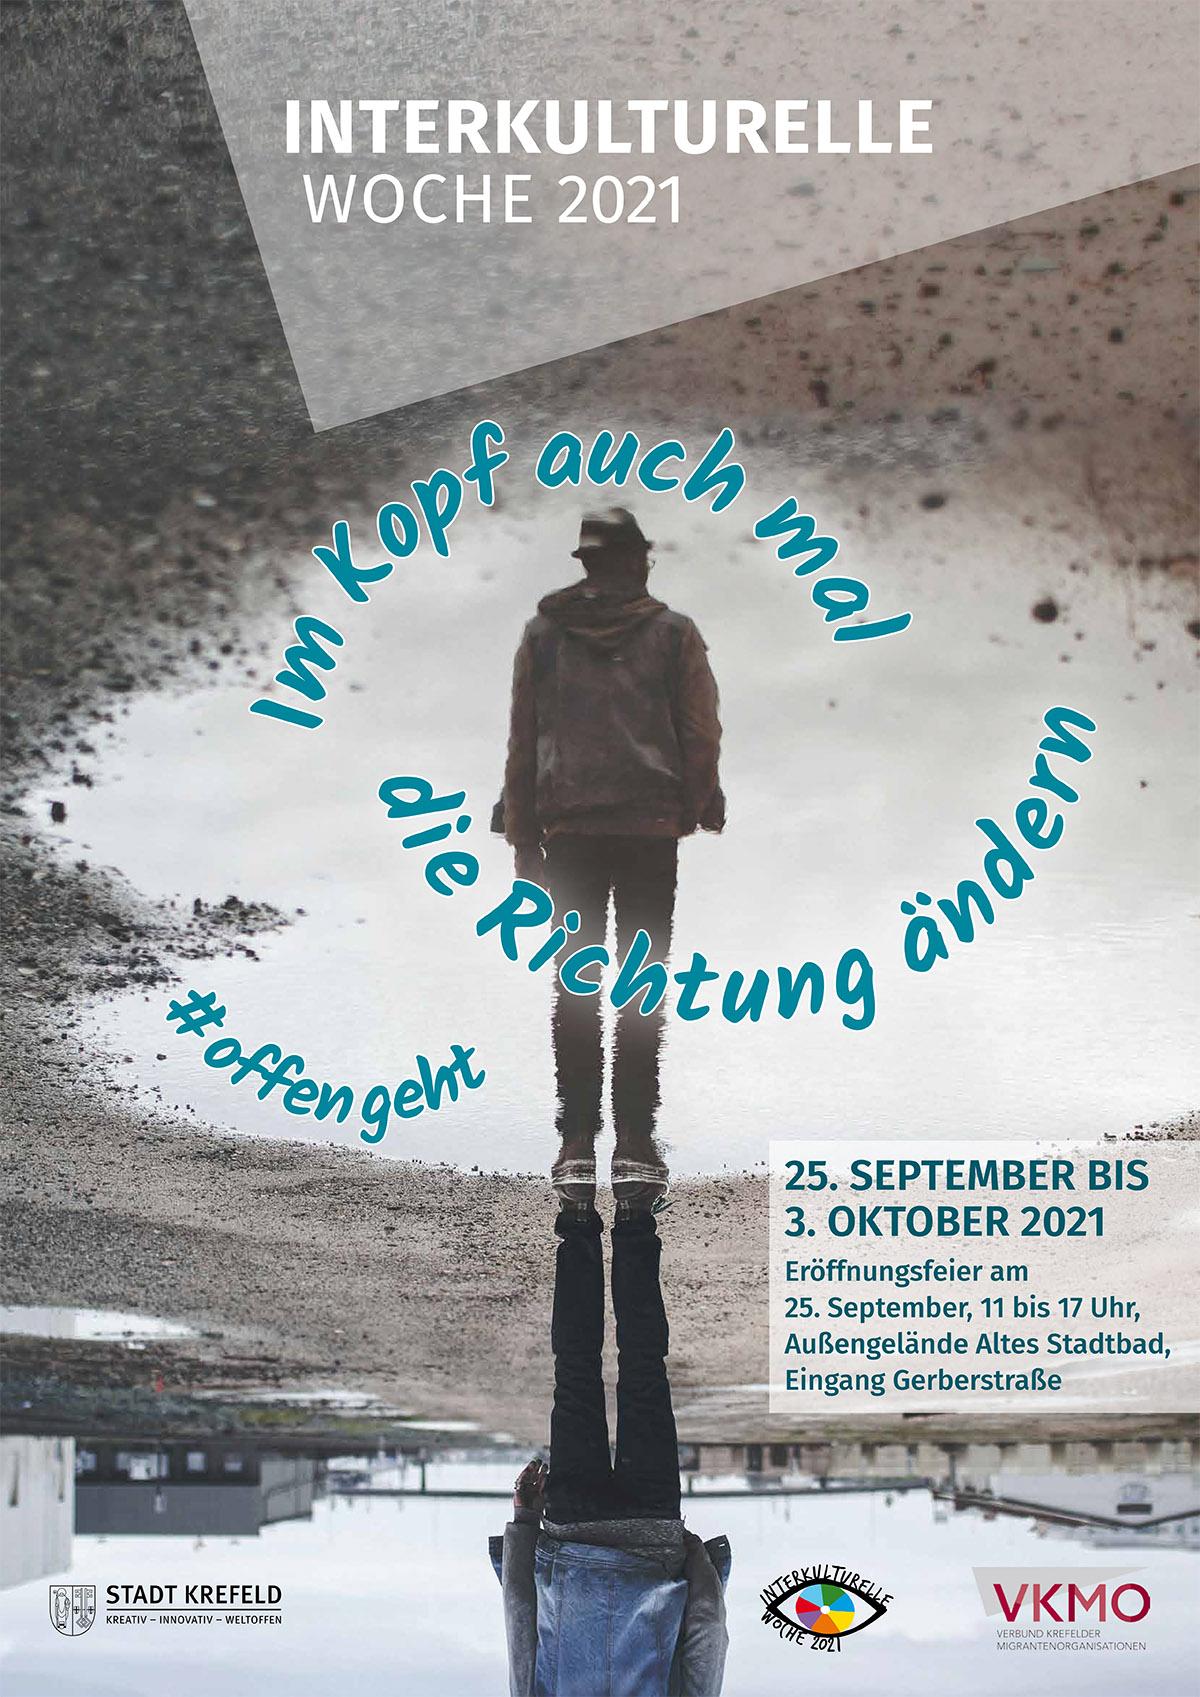 Plakat zur Interkulturellen Woche 2021.